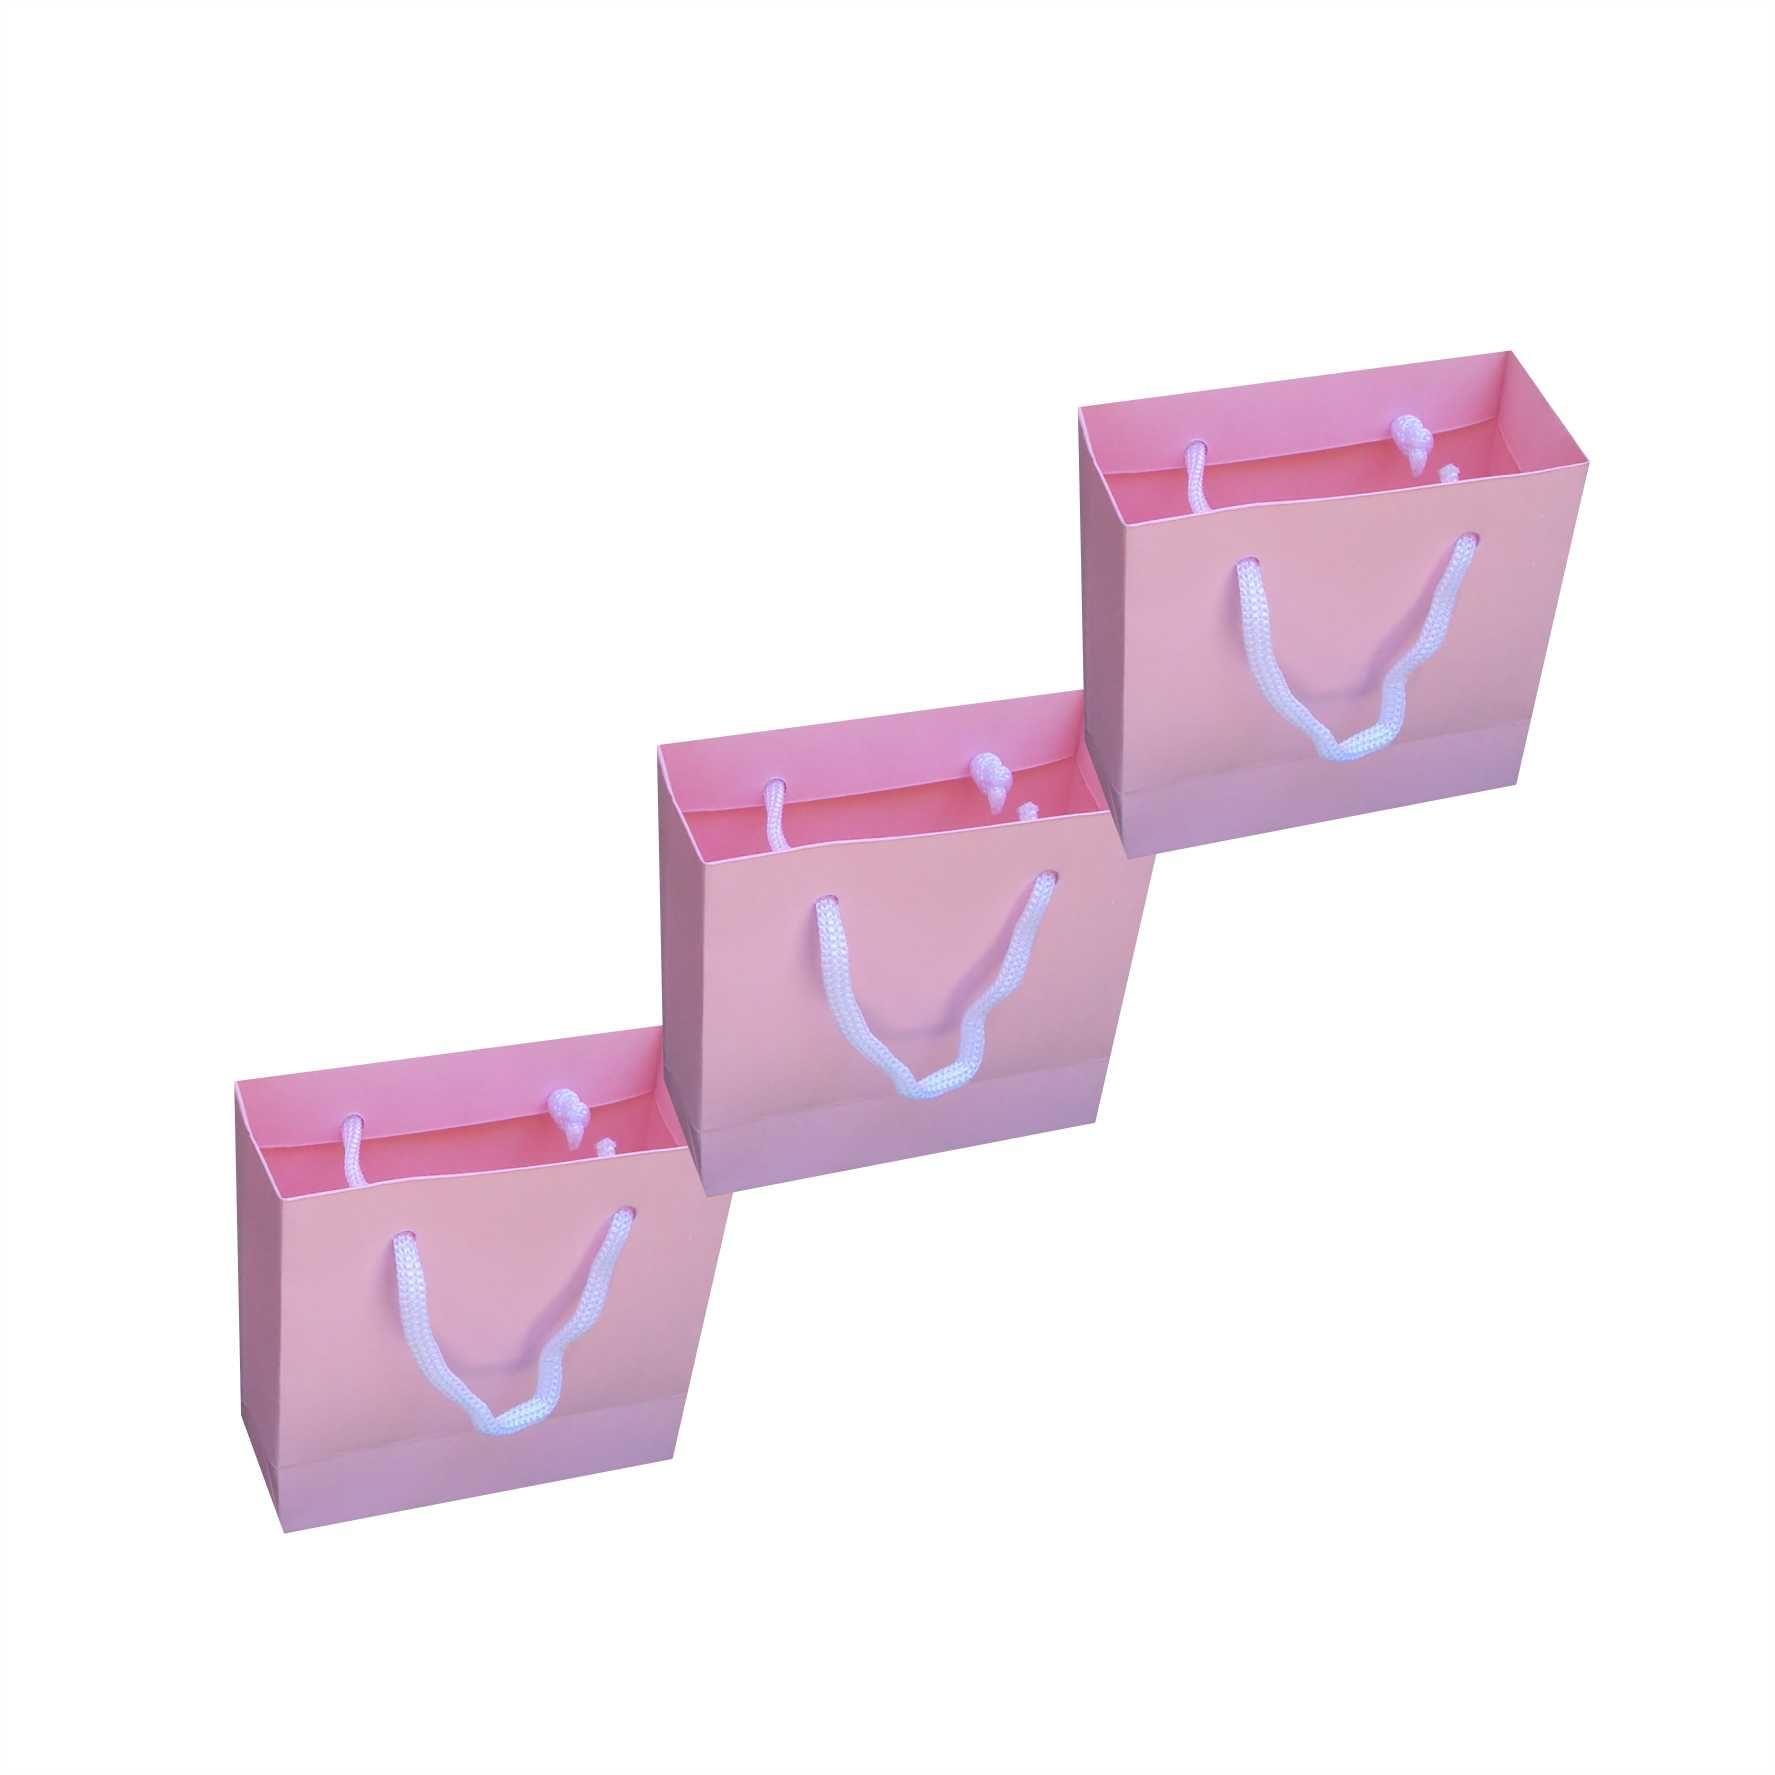 Sacola de papel mini (10x10x4,5 cm) - rosa claro - 10 unidades